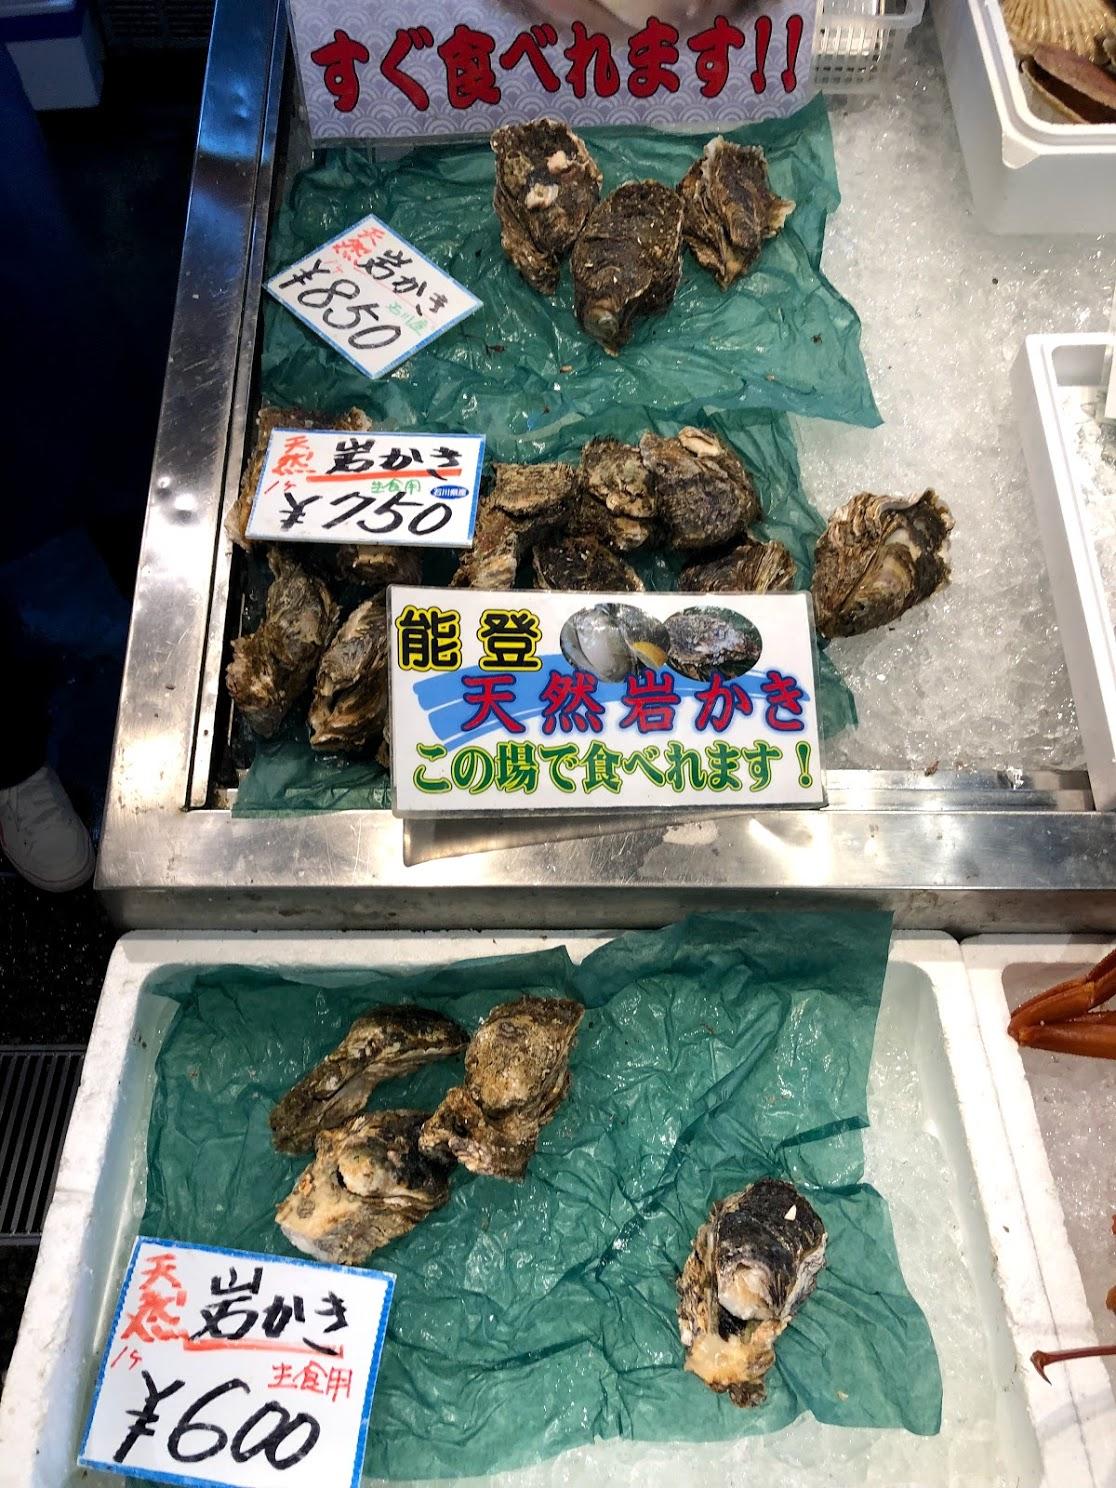 生牡蠣のサイズと値段